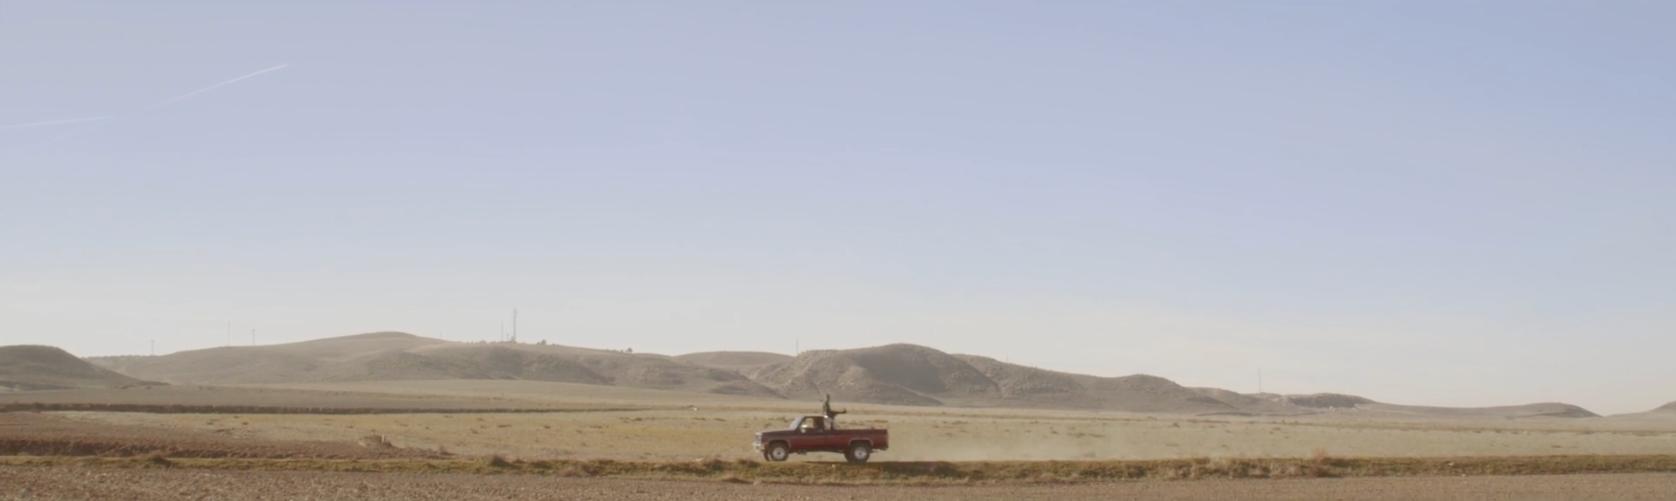 Manuel Portillo - Captura de pantalla 2015-10-26 a las 12.13.41